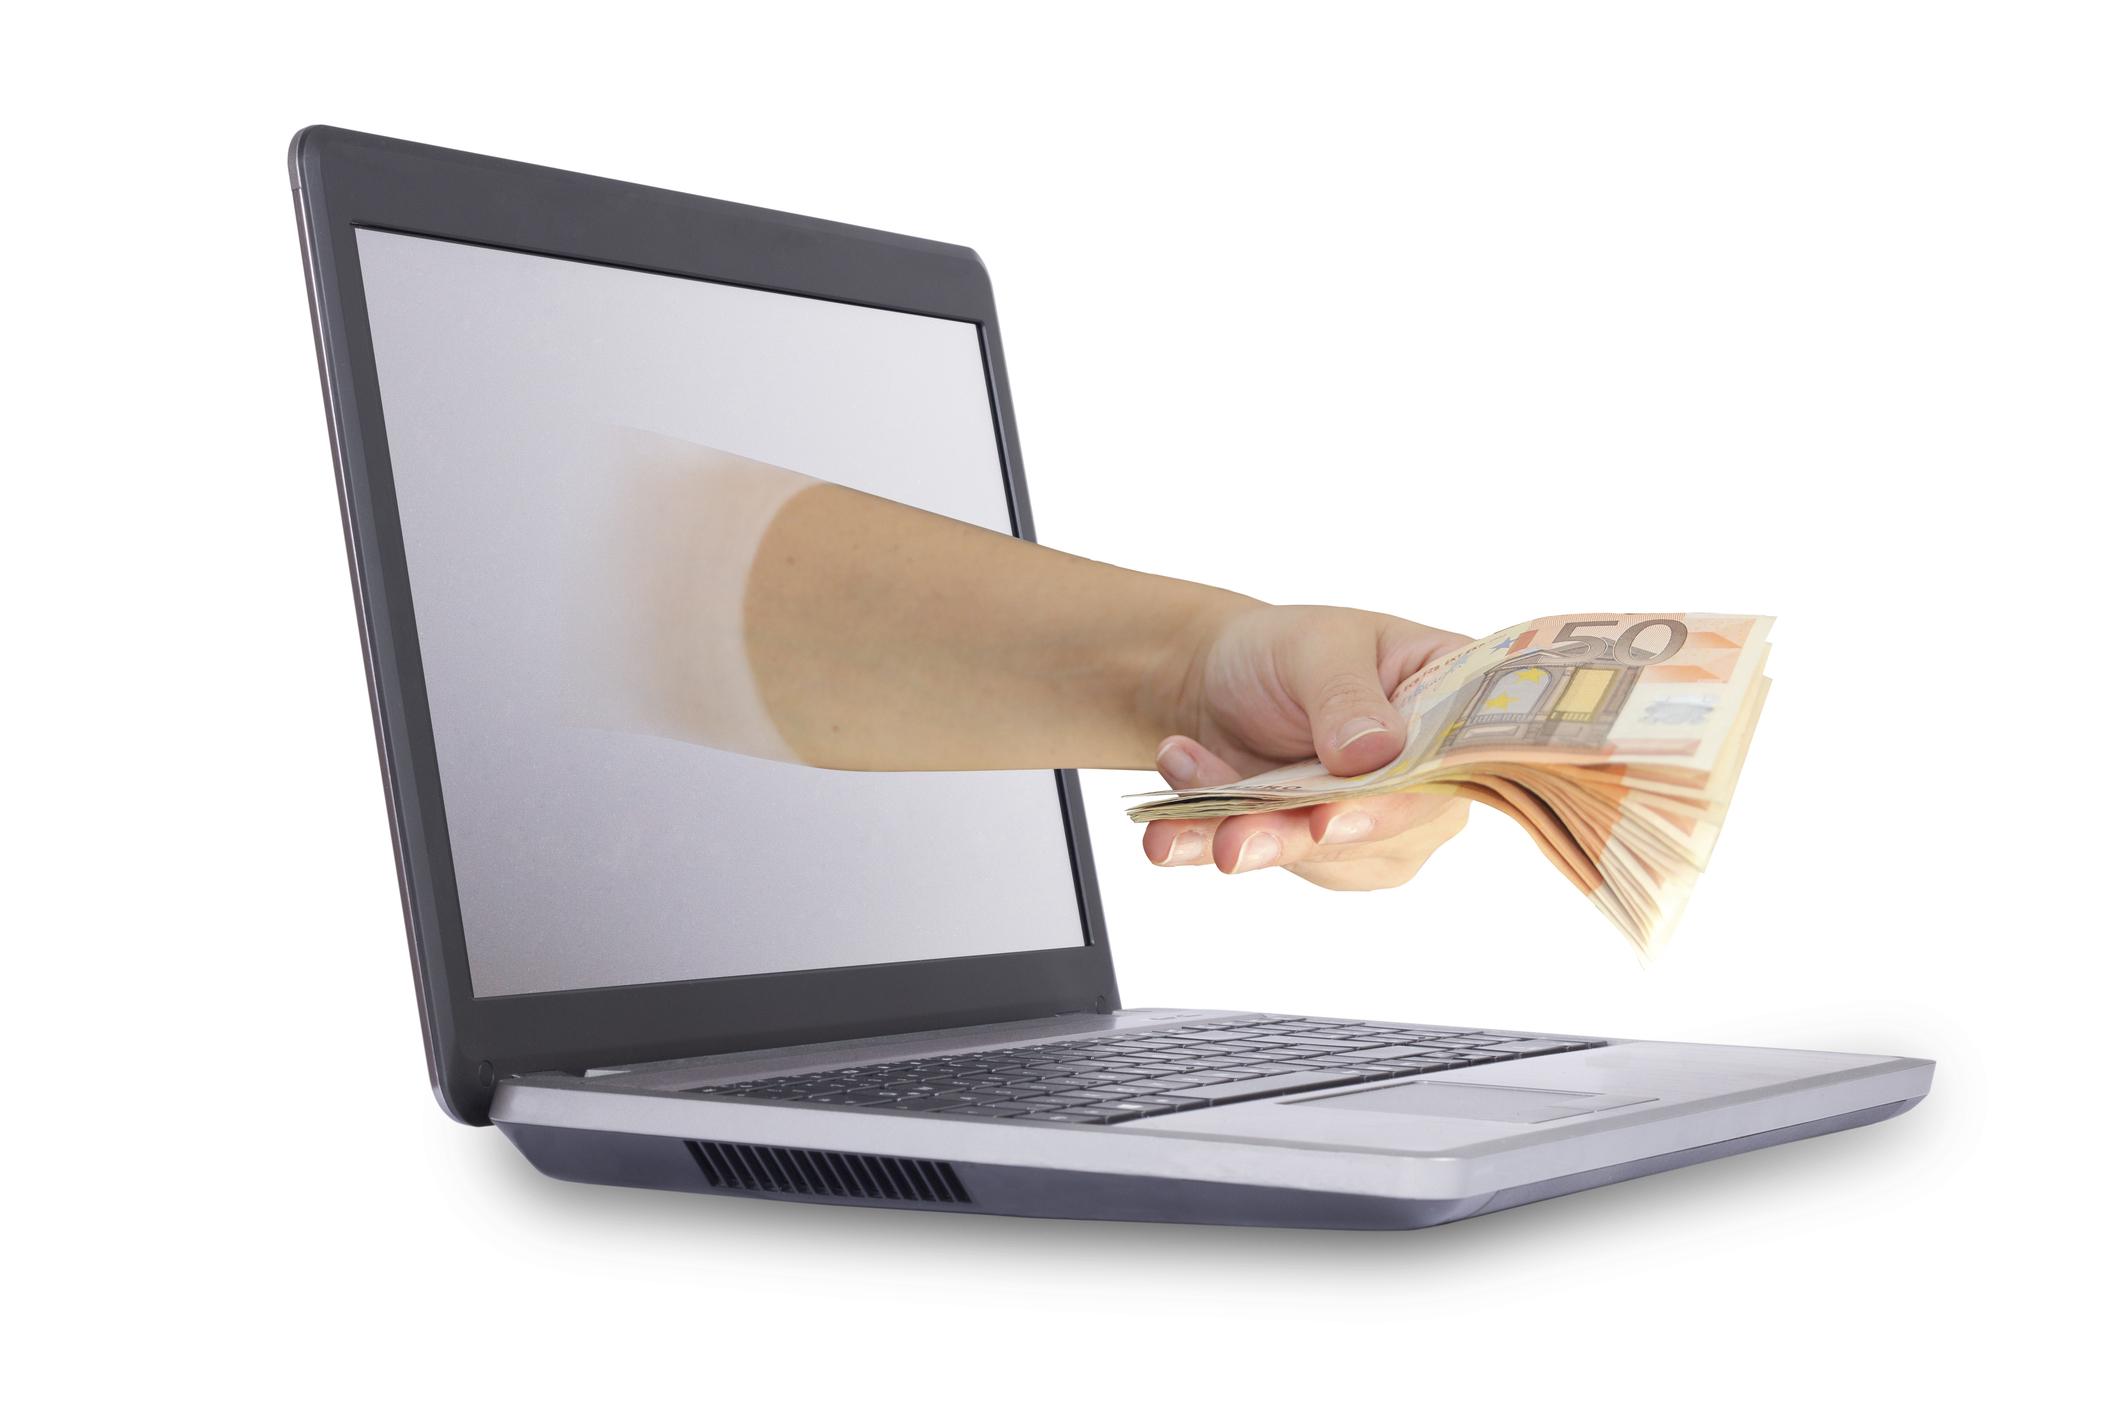 Mini préstamos - Dinero rápido en un clic